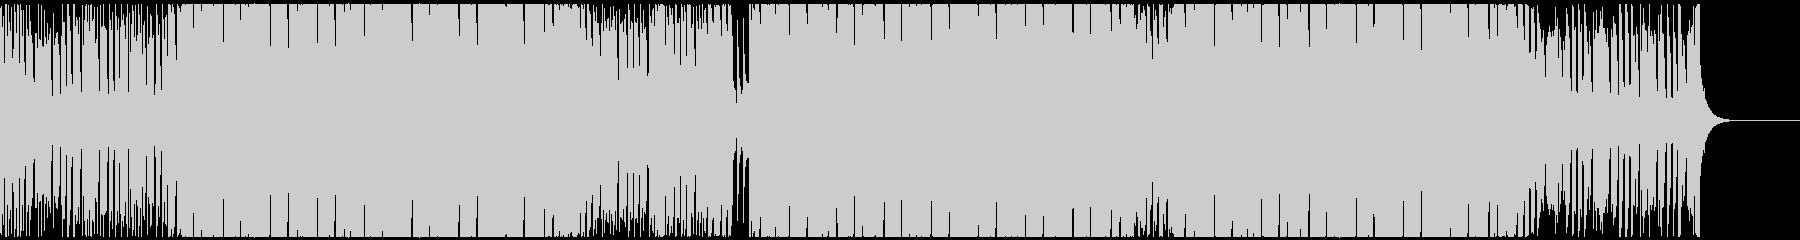 グルーヴ感のあるEDMハウス CM・映像の未再生の波形